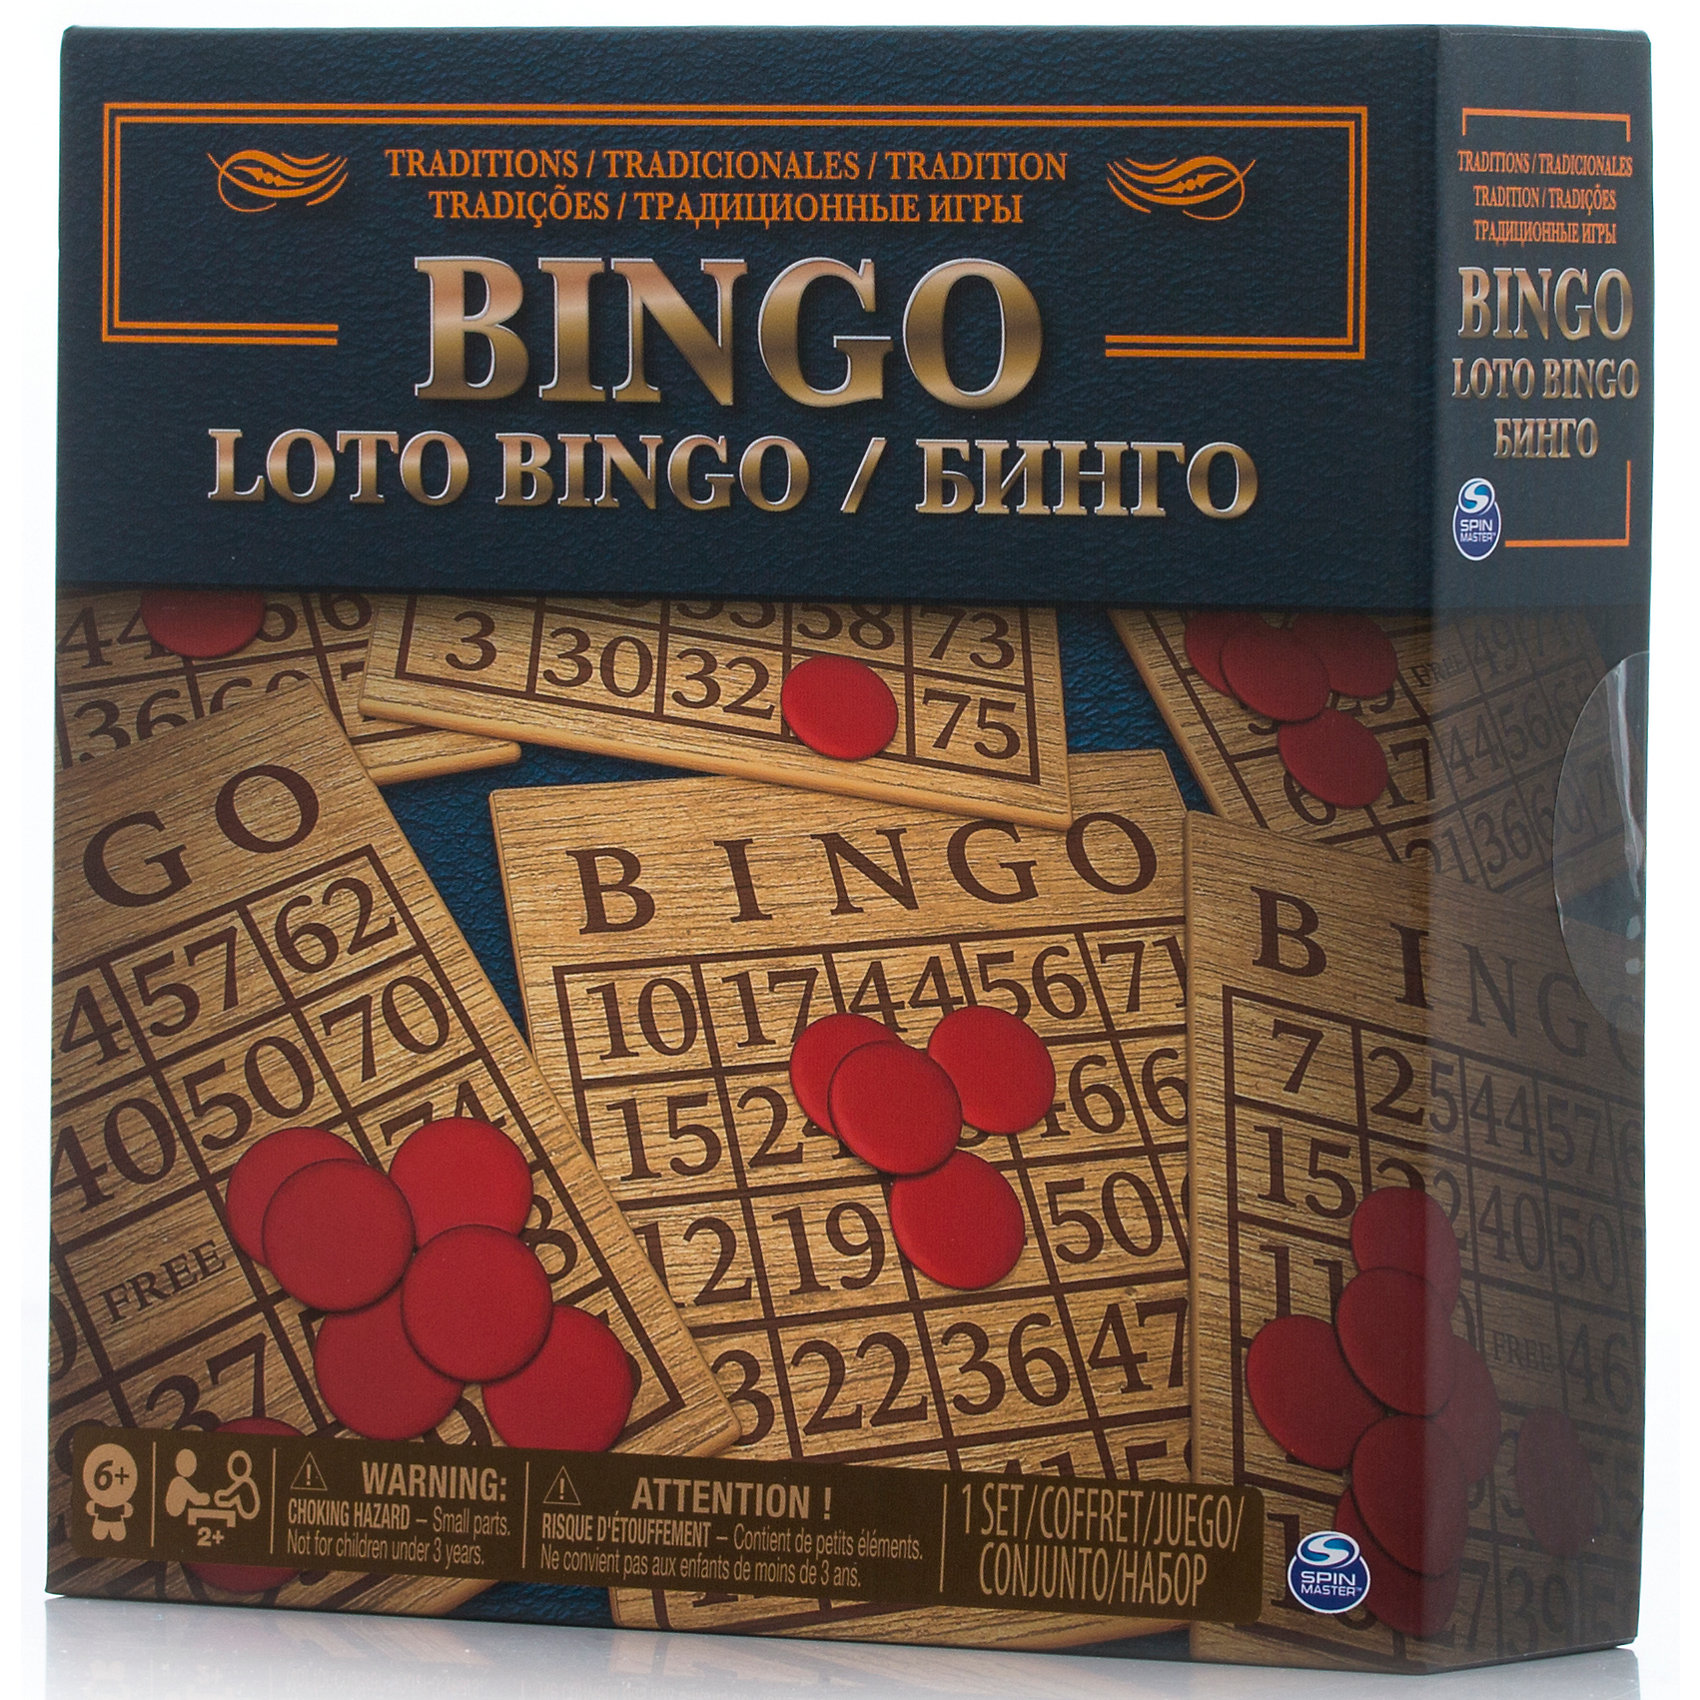 Лото, Spin MasterСпортивные настольные игры<br>Характеристики товара:<br><br>• возраст от 6 лет;<br>• материал: картон, пластик;<br>• в комплекте: 18 двусторонних карт, 75 жетонов, 300 фишек, правила игры;<br>• размер упаковки 21х21х6 см;<br>• страна производитель: Китай.<br><br>Лото Spin Master — классическая игра в лото, в которой каждый игрок получает карточку с цифрами, которую должен закрыть. Когда выпадает одно число, игрок обводит это число или закрывает фишкой, если оно есть в его карточке. Побеждает тот, кто быстрее всех закроет свою карточку.<br><br>Лото Spin Master можно приобрести в нашем интернет-магазине.<br><br>Ширина мм: 210<br>Глубина мм: 60<br>Высота мм: 210<br>Вес г: 453<br>Возраст от месяцев: 60<br>Возраст до месяцев: 2147483647<br>Пол: Унисекс<br>Возраст: Детский<br>SKU: 6728777